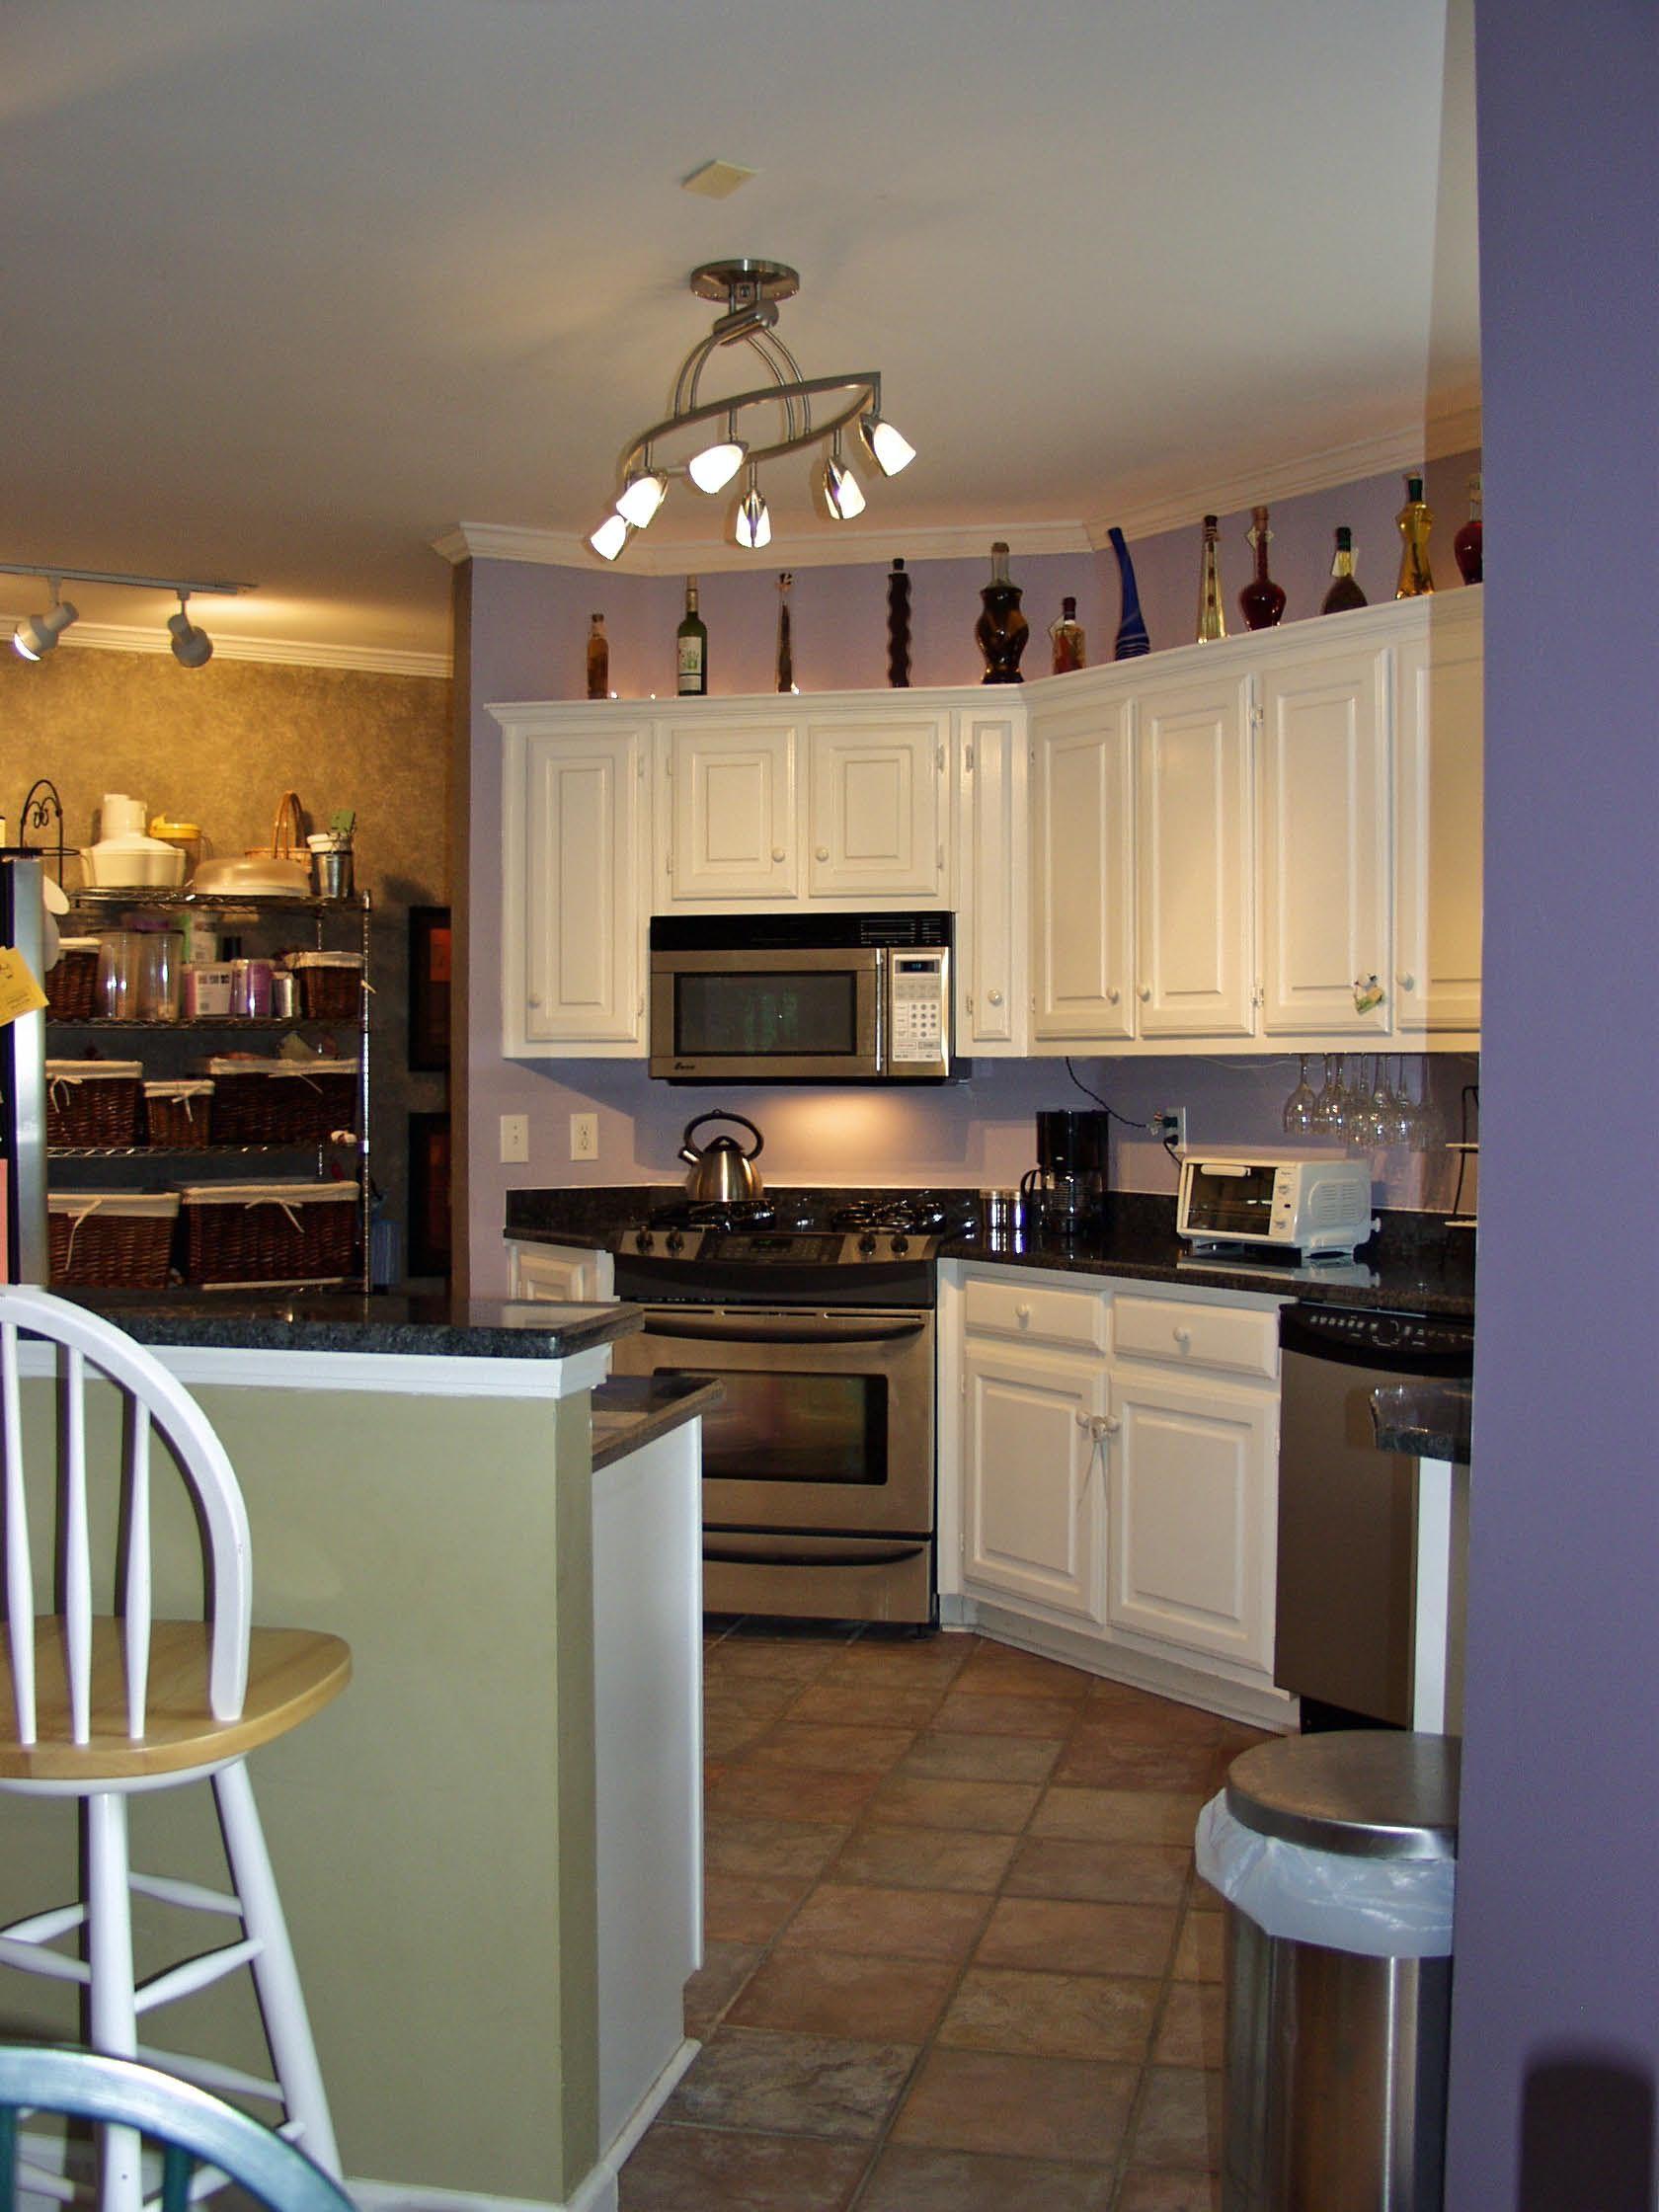 Home Depot Küche Leuchten - Küchen | Hausmodelle | Pinterest ...